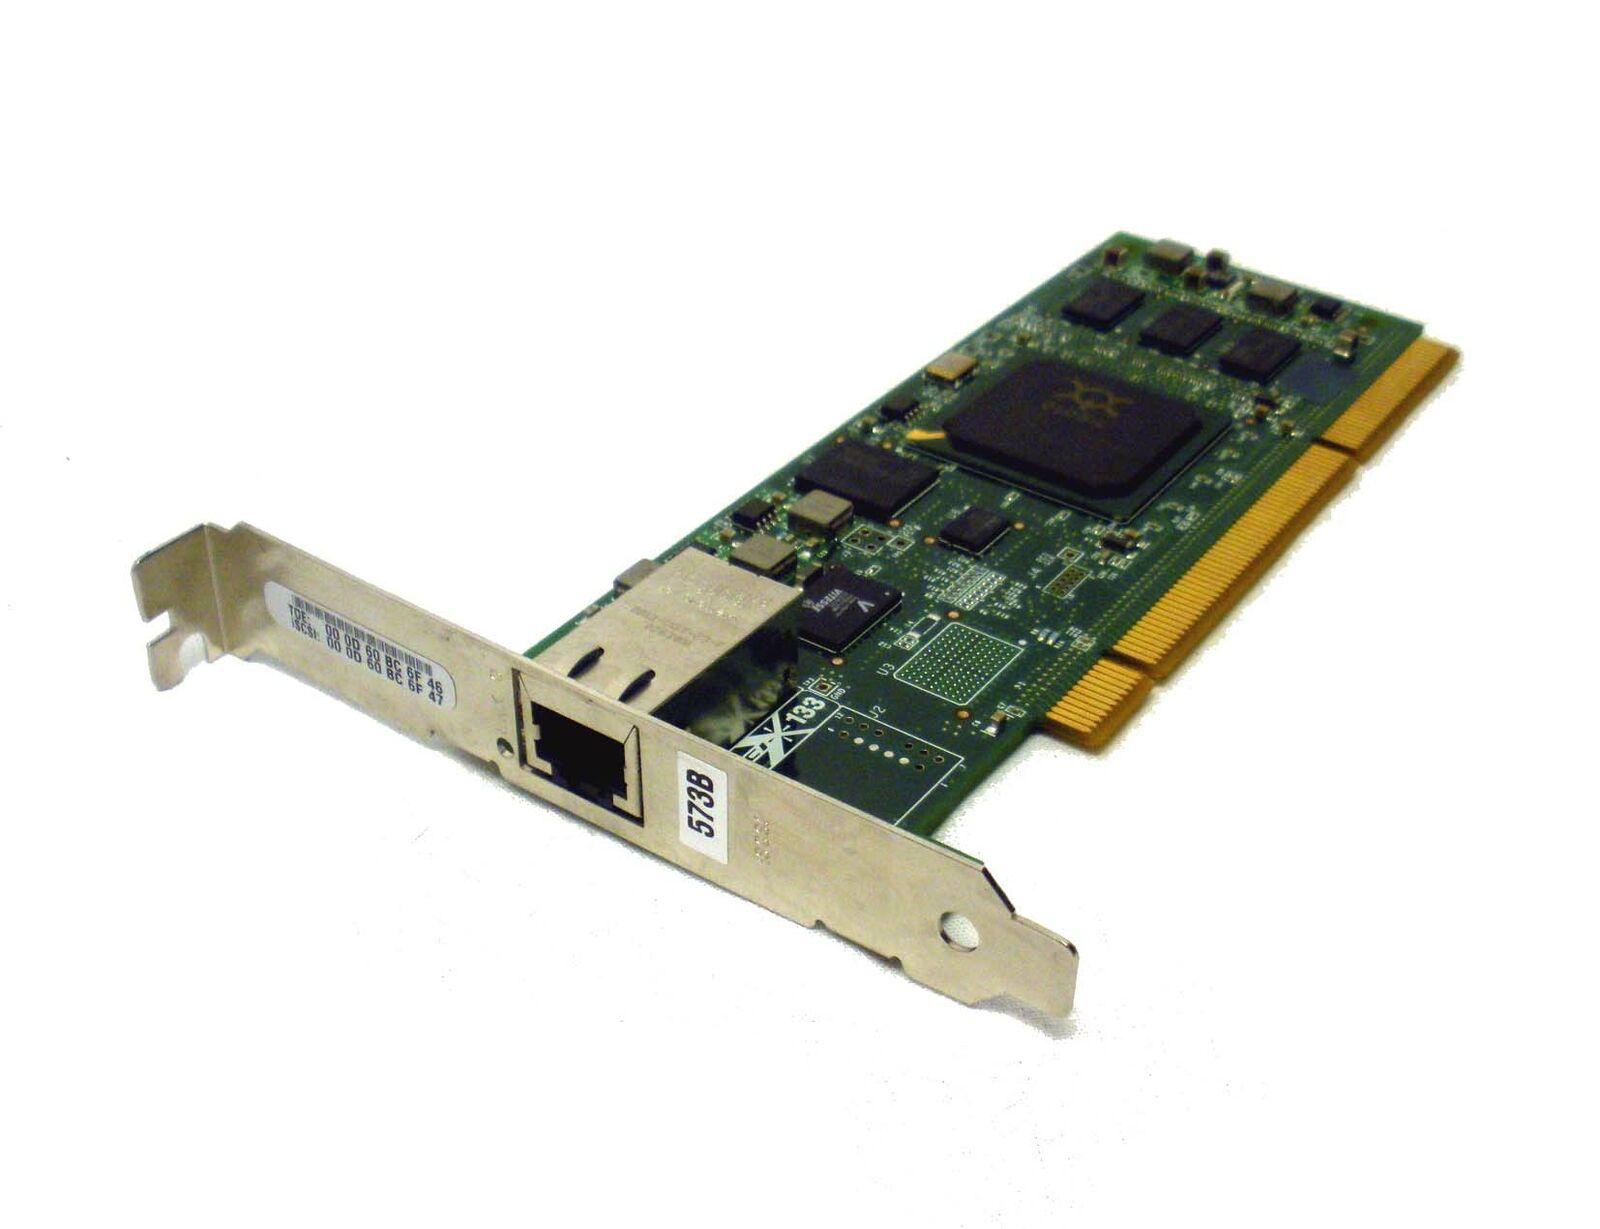 IBM 5713-820x 2gb Fibre Channel PCI-X Adapter